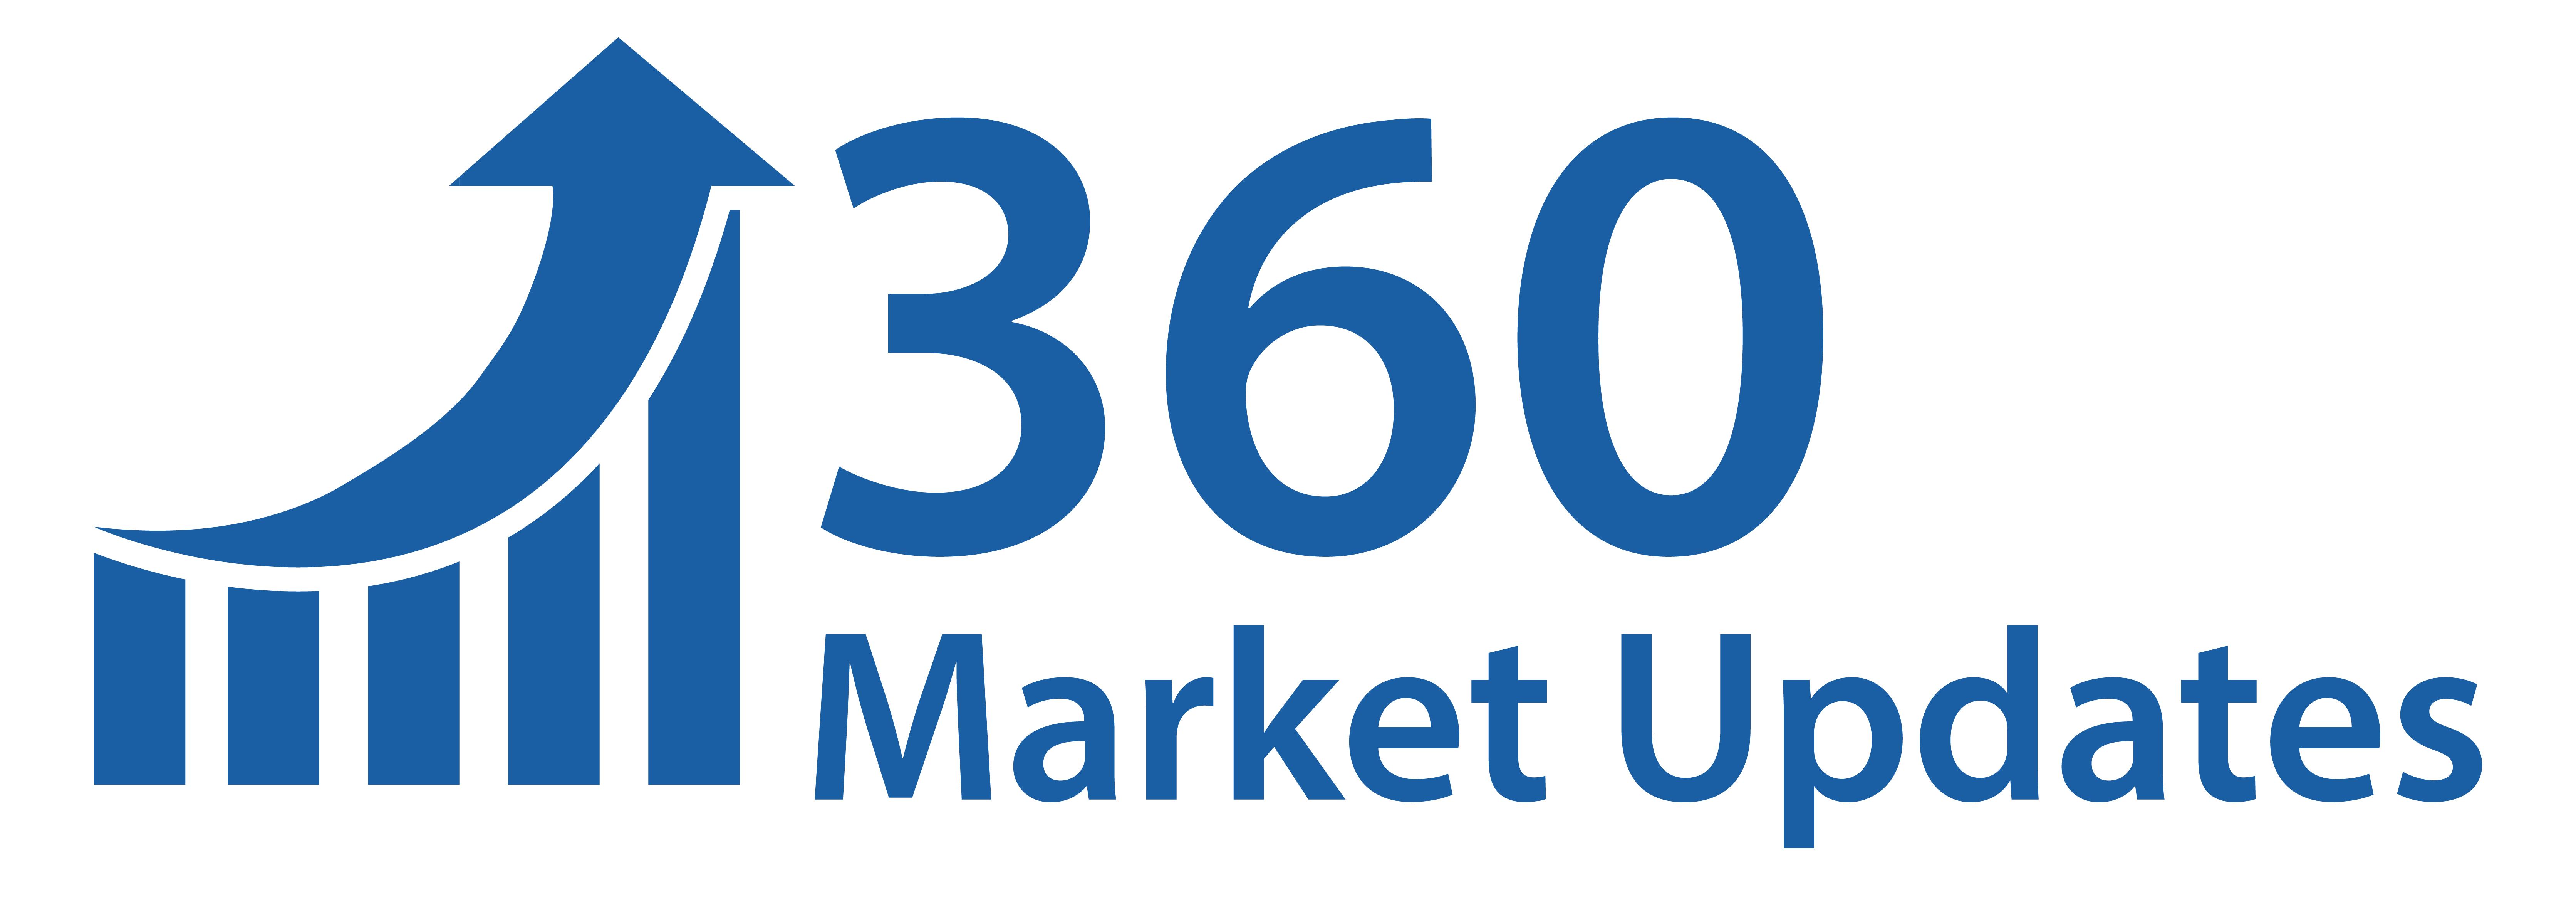 Kupferrohre und Rohre Markt 2020 Eingehende Analyse der Segmentierung, die Produkttyp, Geschäftsstrategien, Entwicklungsfaktoren und Prognose 2024 umfasst